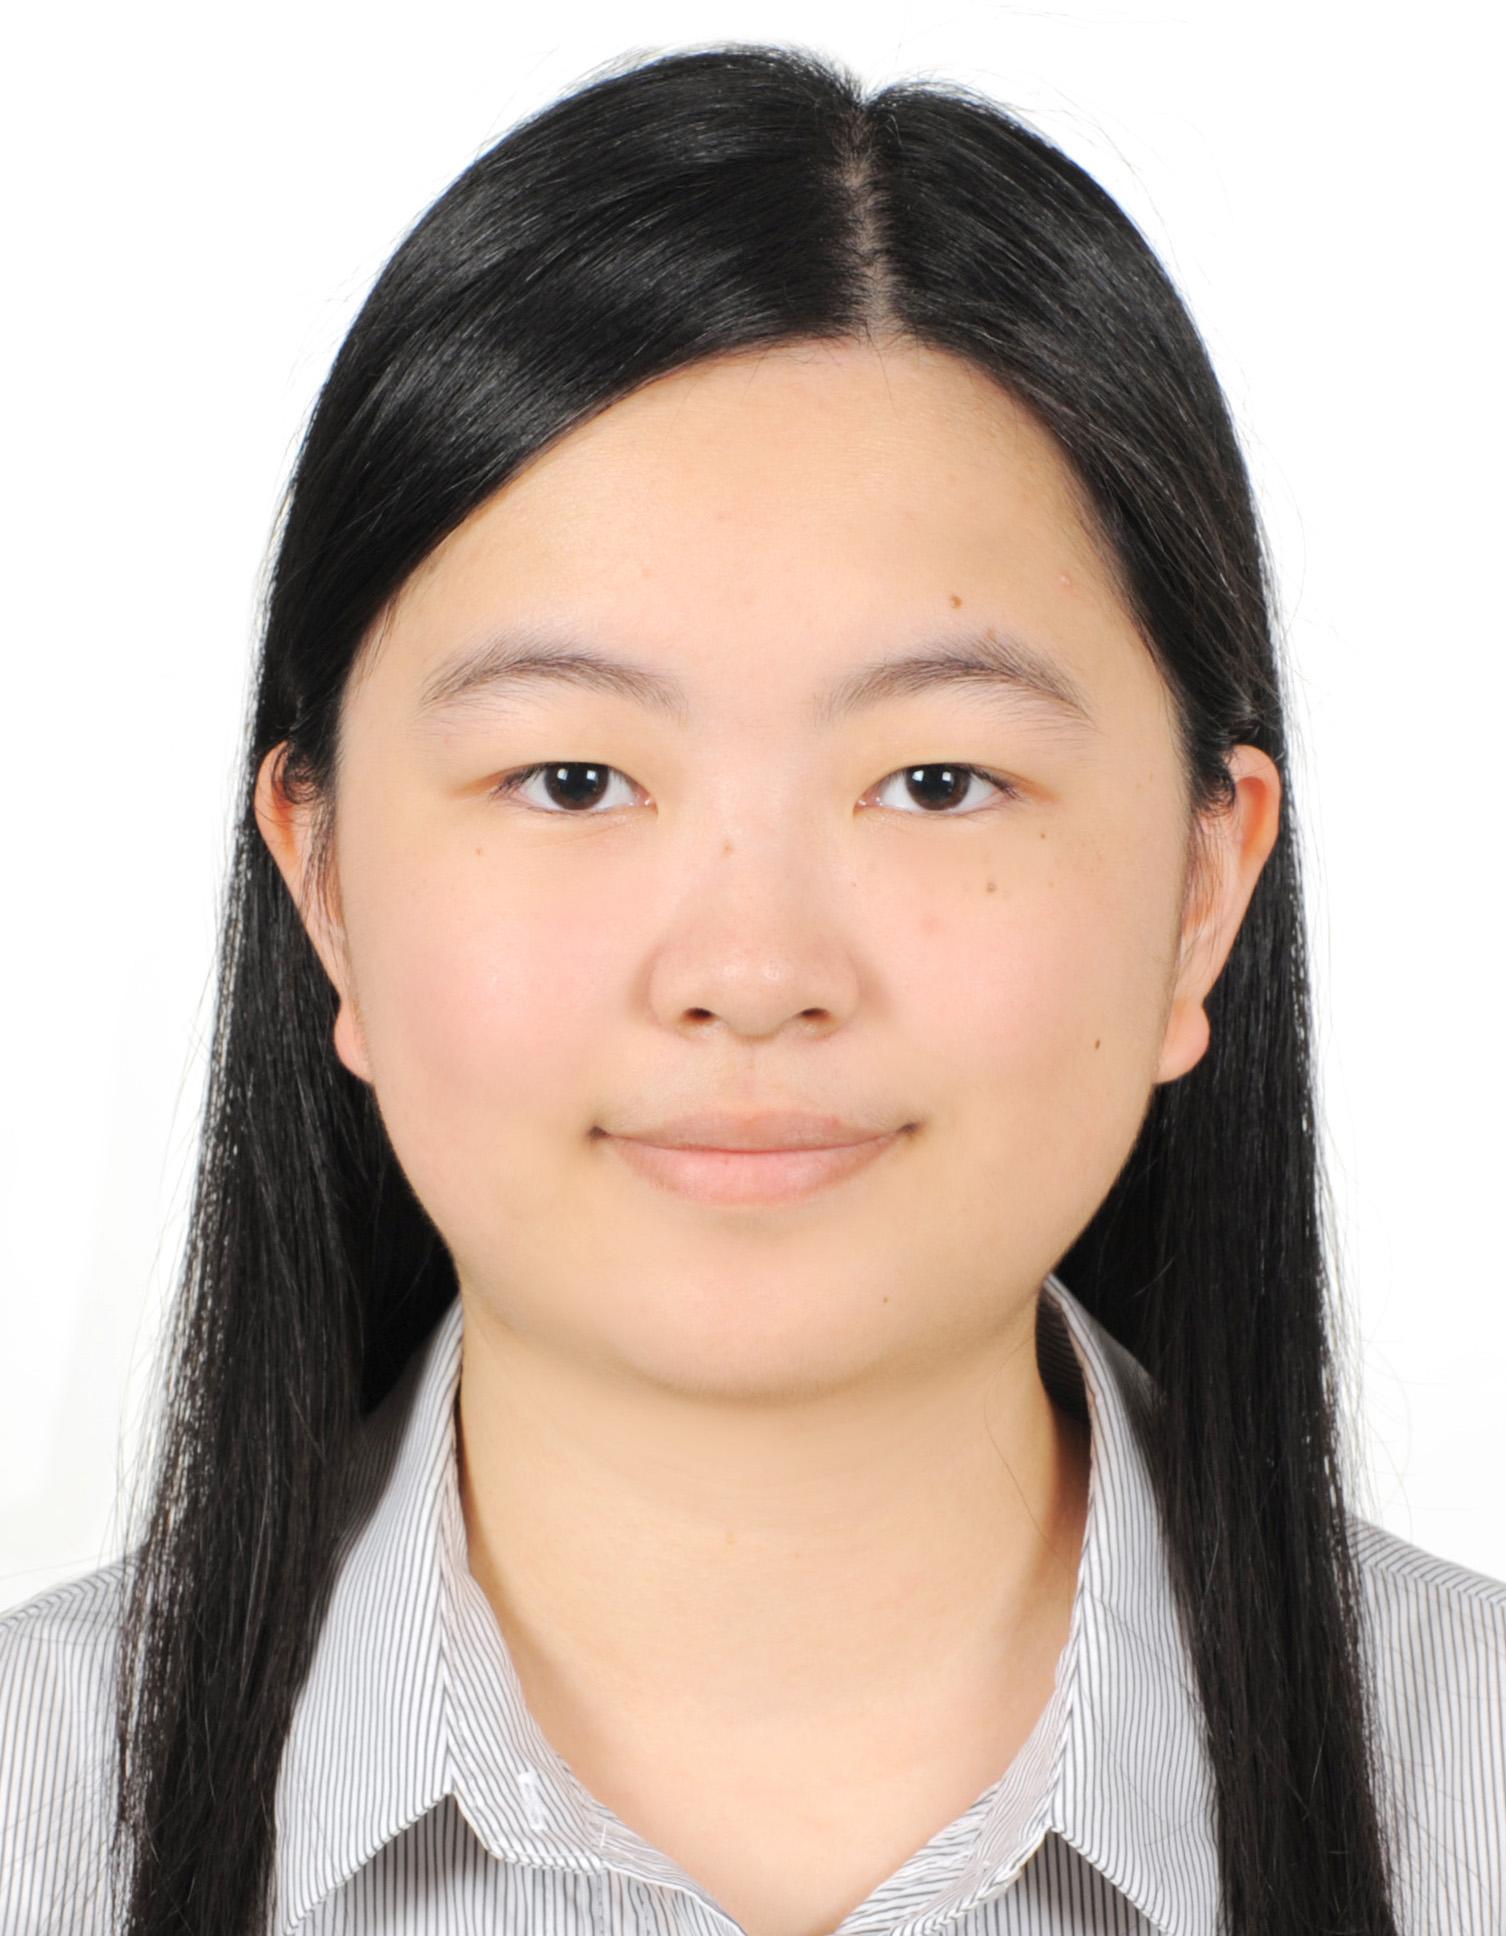 Shao-Ching Chiu